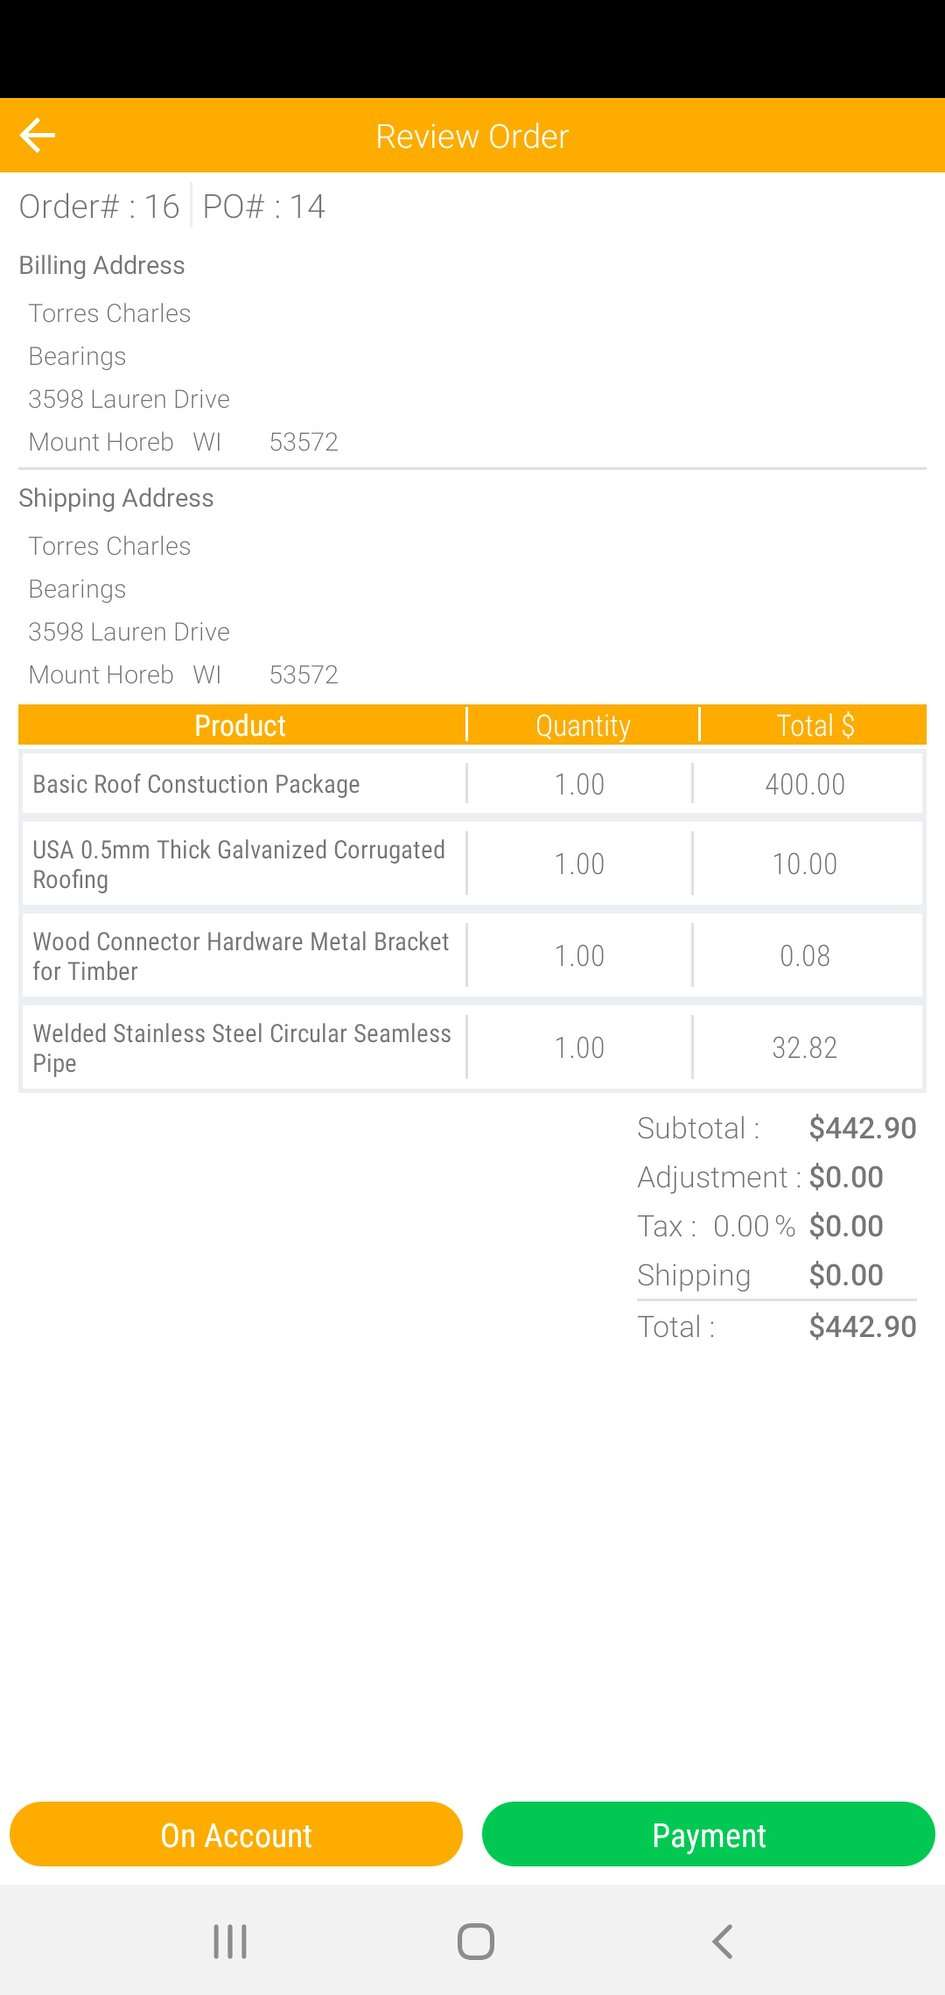 AdvancePro review order details